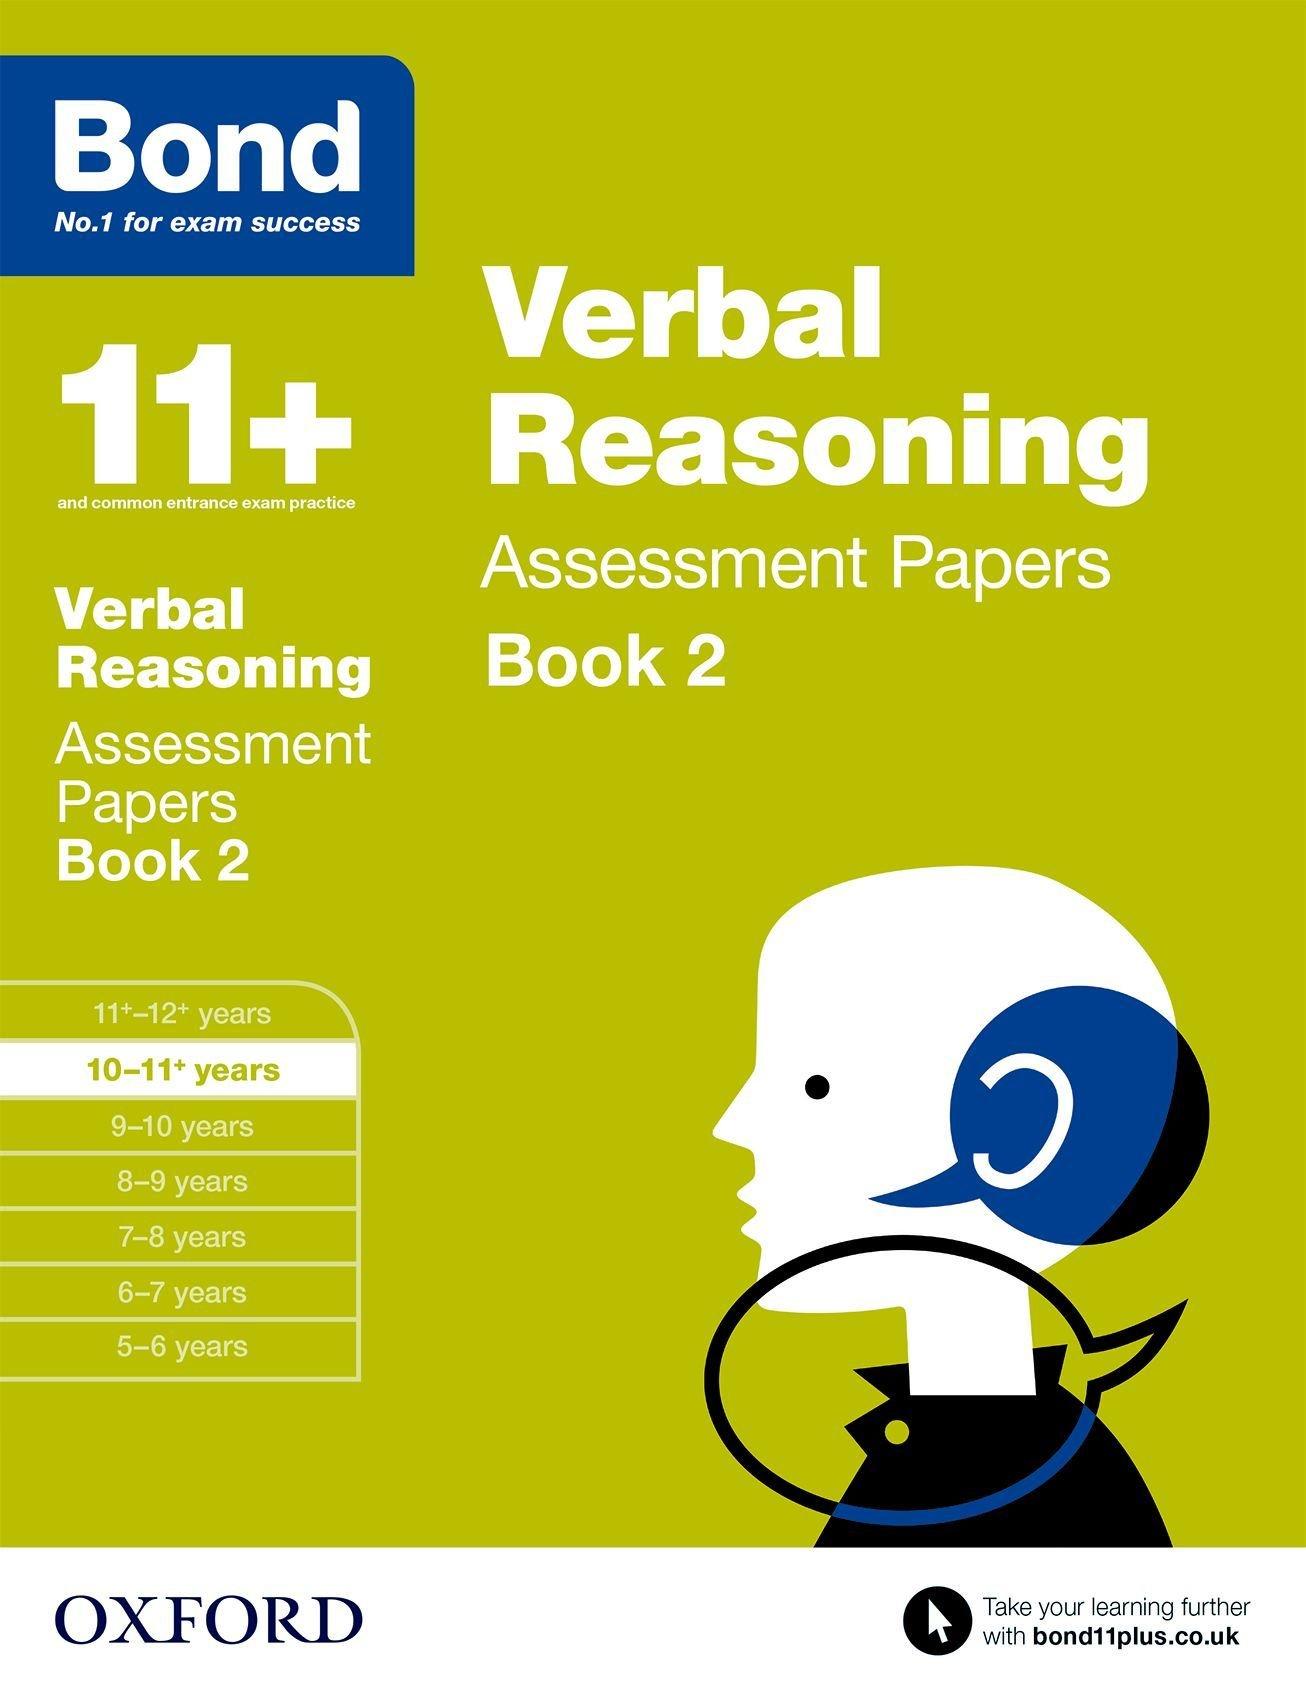 Bond 11+: Verbal Reasoning: Assessment Papers ebook